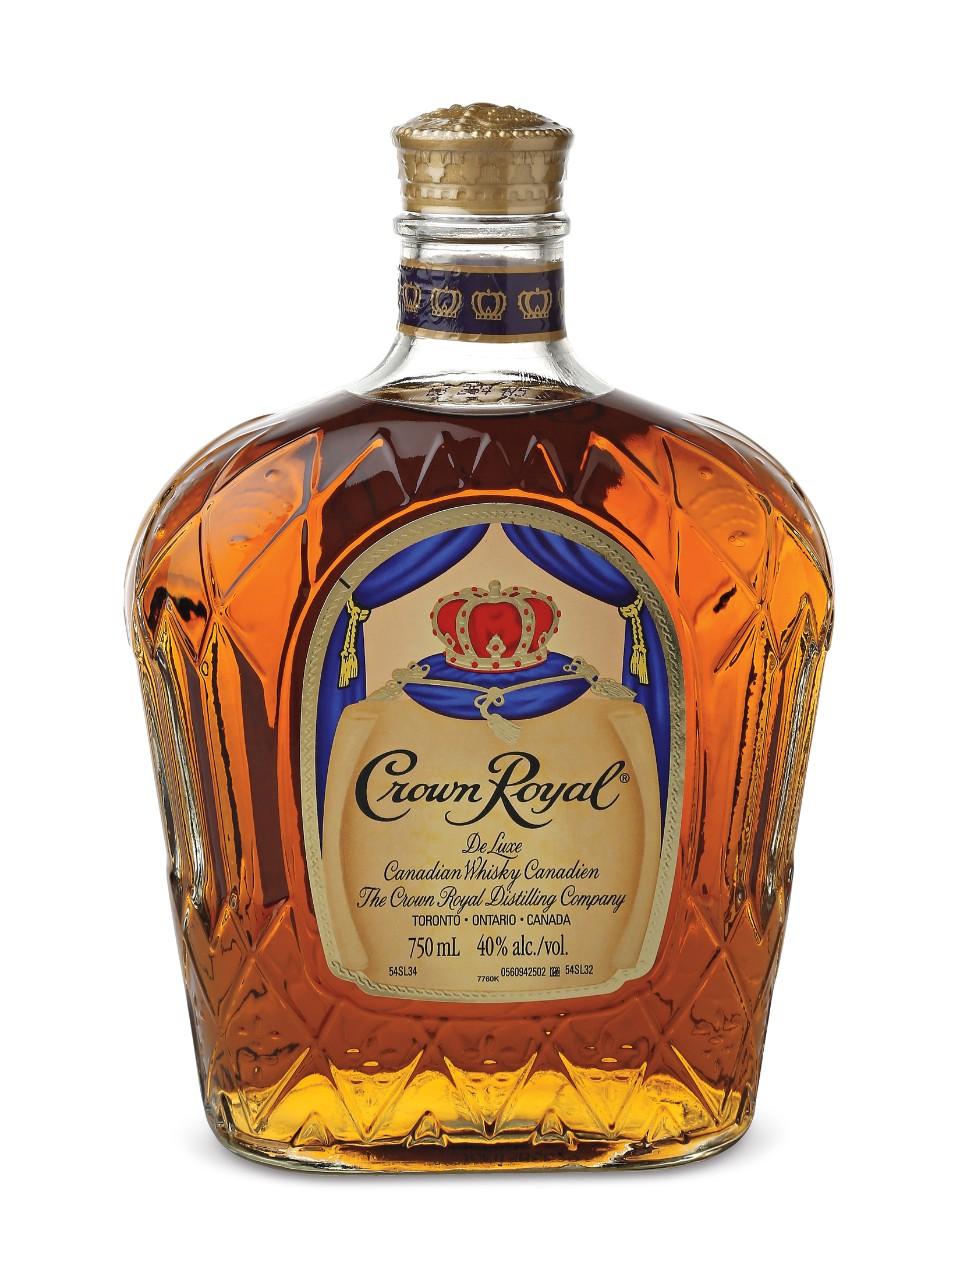 (W14) whiskey crown royal